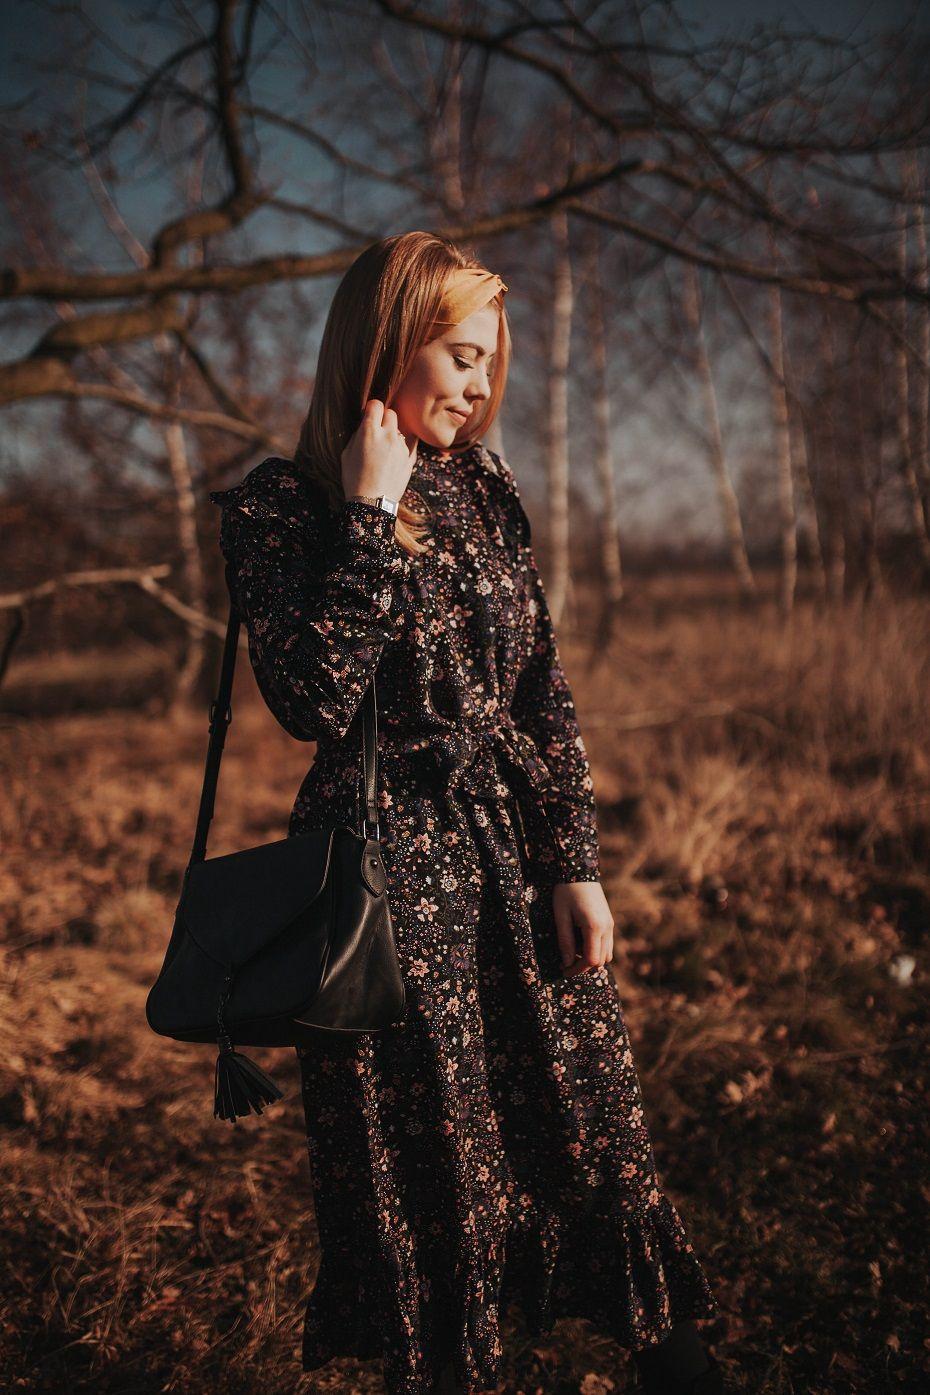 Sukienka W Kwiaty Wiosenna Stylizacja Carry Rozalia Fashion Victorian Dress Dresses